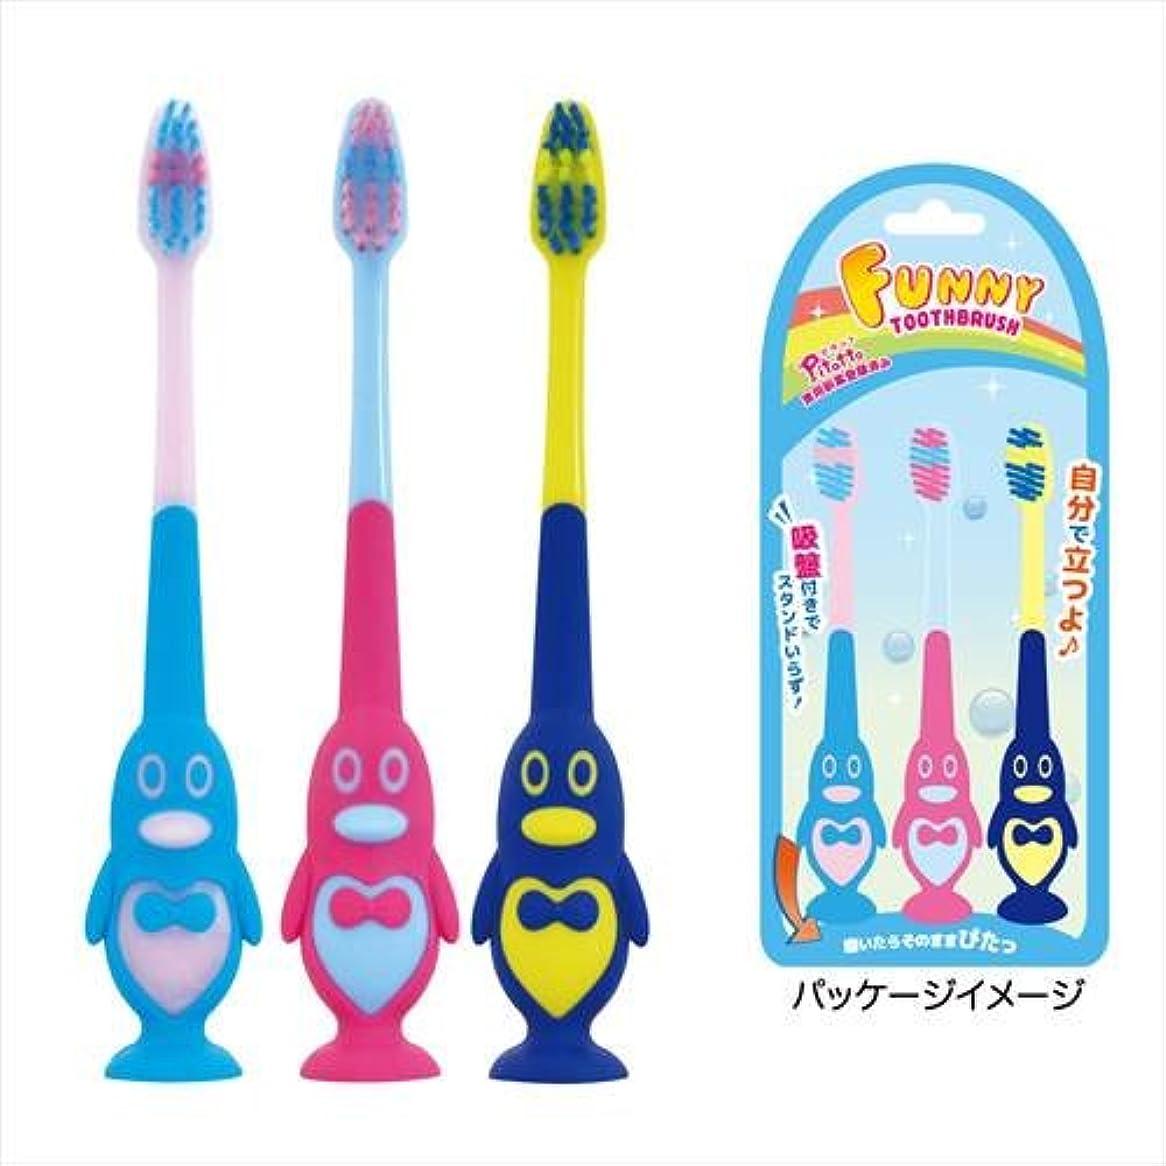 多用途広告する接辞[歯ブラシ] 吸盤付き歯ブラシ 3本セット/ペンギン ユーカンパニー かわいい 洗面用具 グッズ 通販